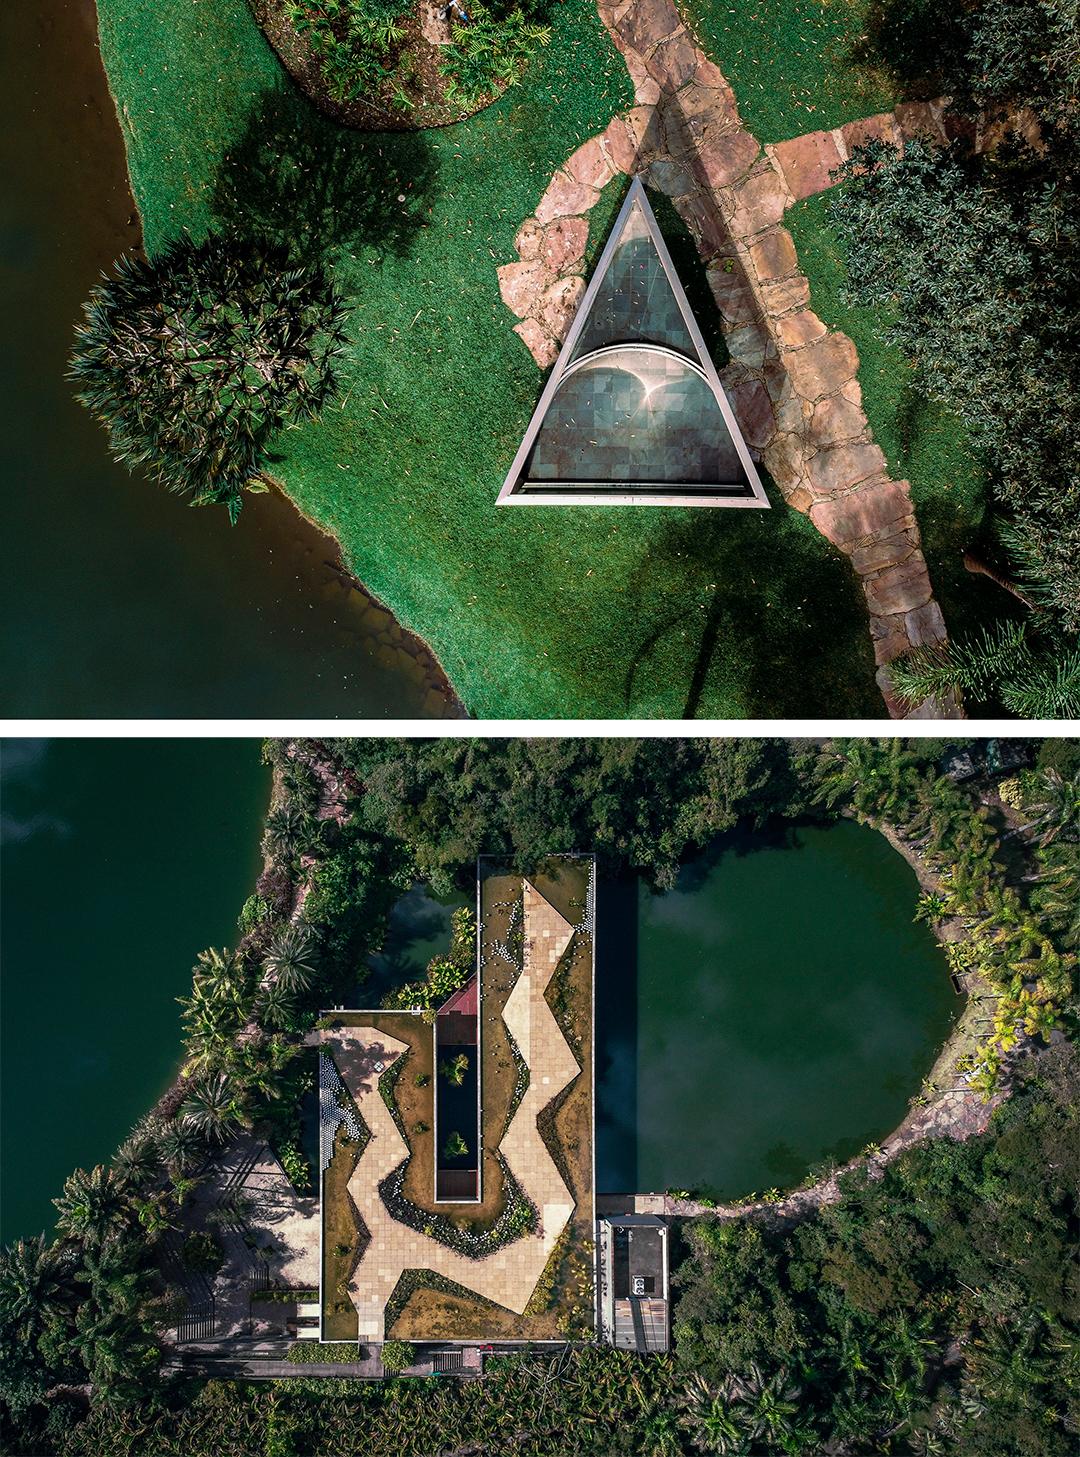 Acima, Dan Graham, Bisected triangle, Interior curve, 2002 e abaixo, Vista aérea do Centro de Educação e Cultura Burle Marx no Instituto Inhotim. Arquitetos Associados.